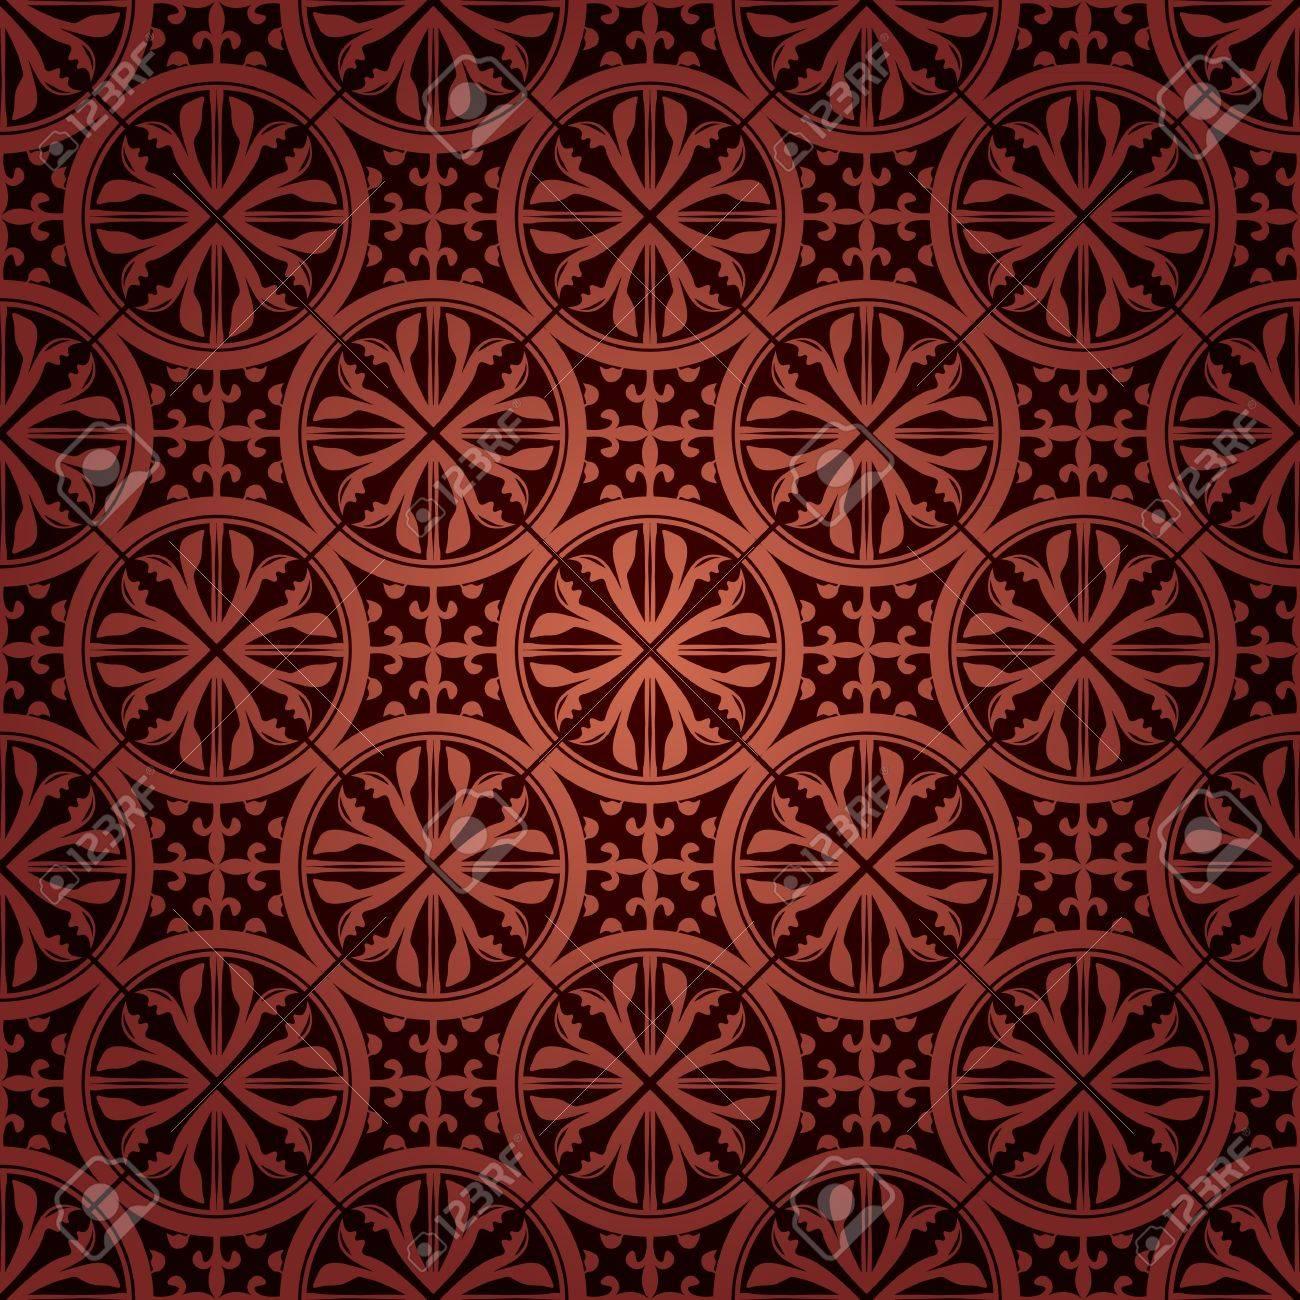 シームレスなゴシック様式の壁紙のイラスト素材 ベクタ Image 14970430